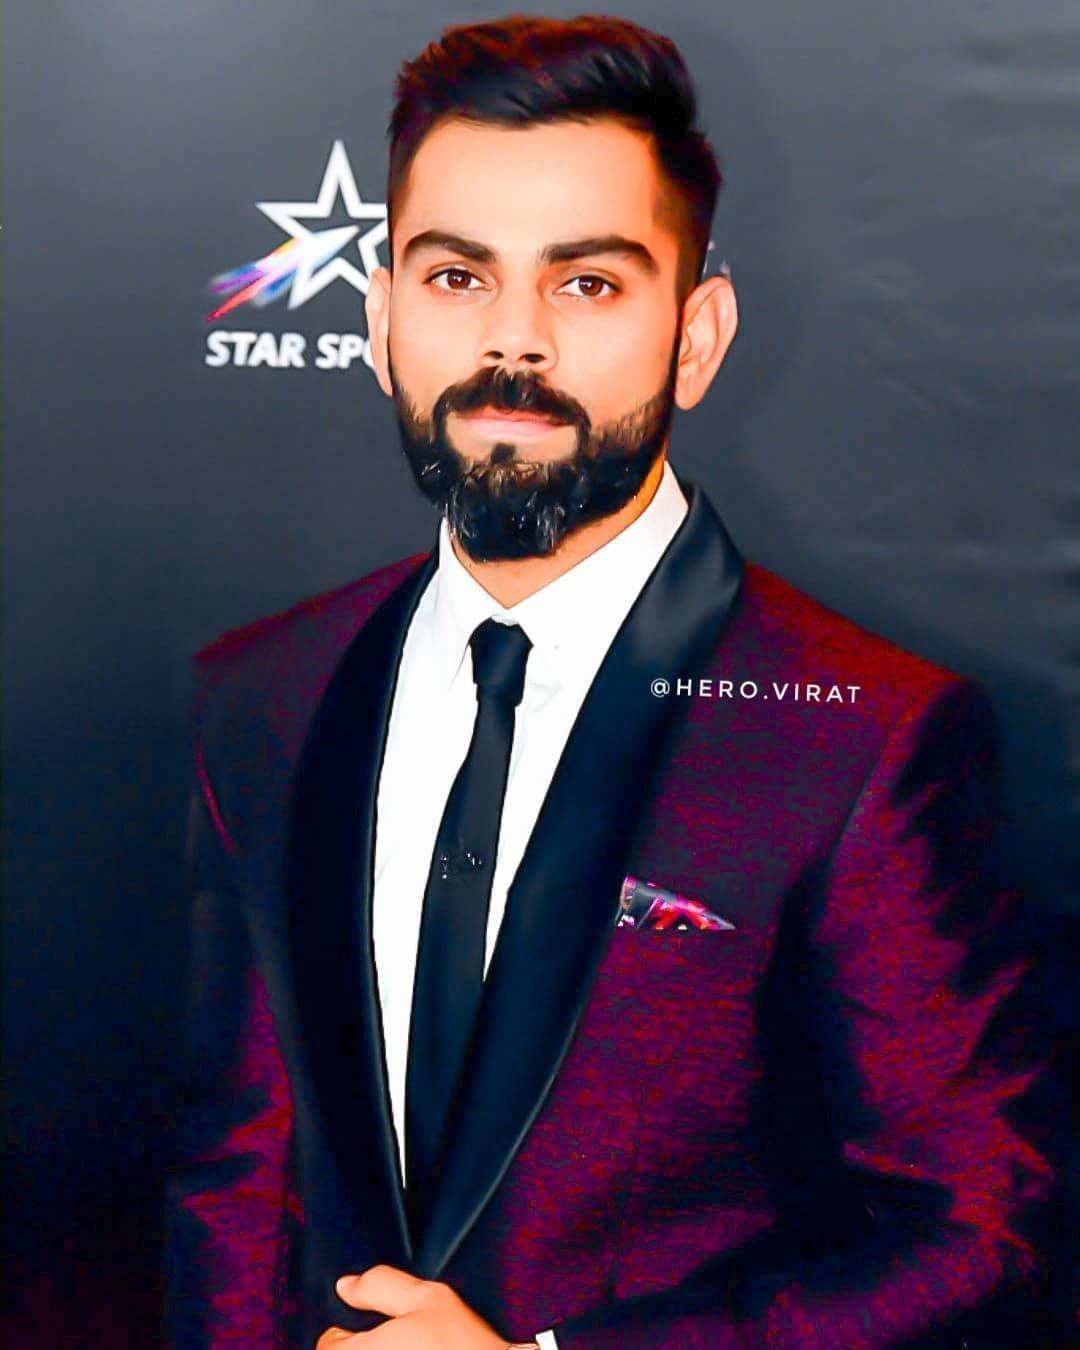 Image may contain: one or more people, beard and suit | Virat kohli  wallpapers, Virat kohli, Virat kohli instagram